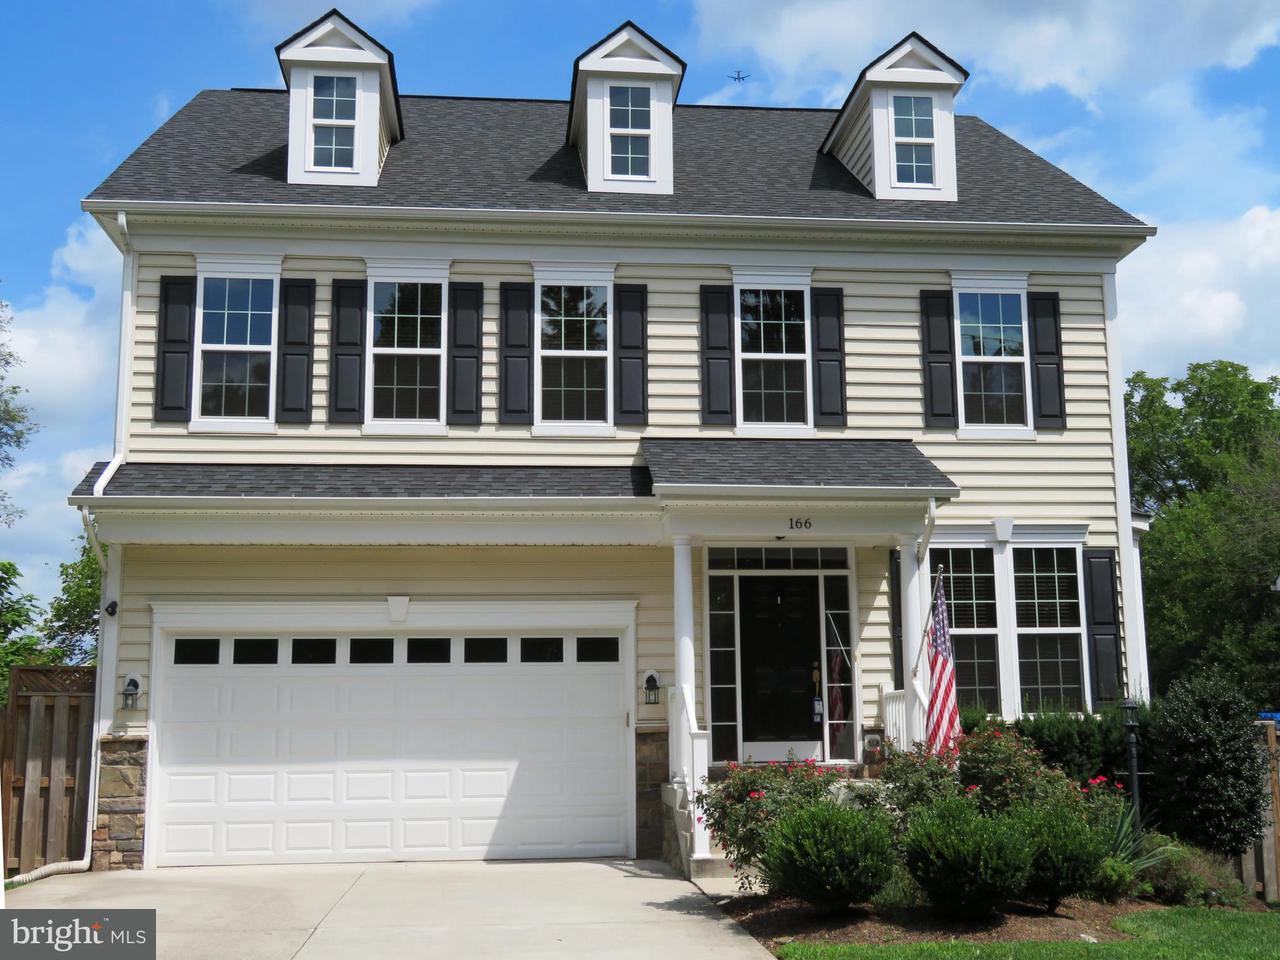 Maison unifamiliale pour l Vente à 166 Cabbel Drive 166 Cabbel Drive Manassas Park, Virginia 20111 États-Unis